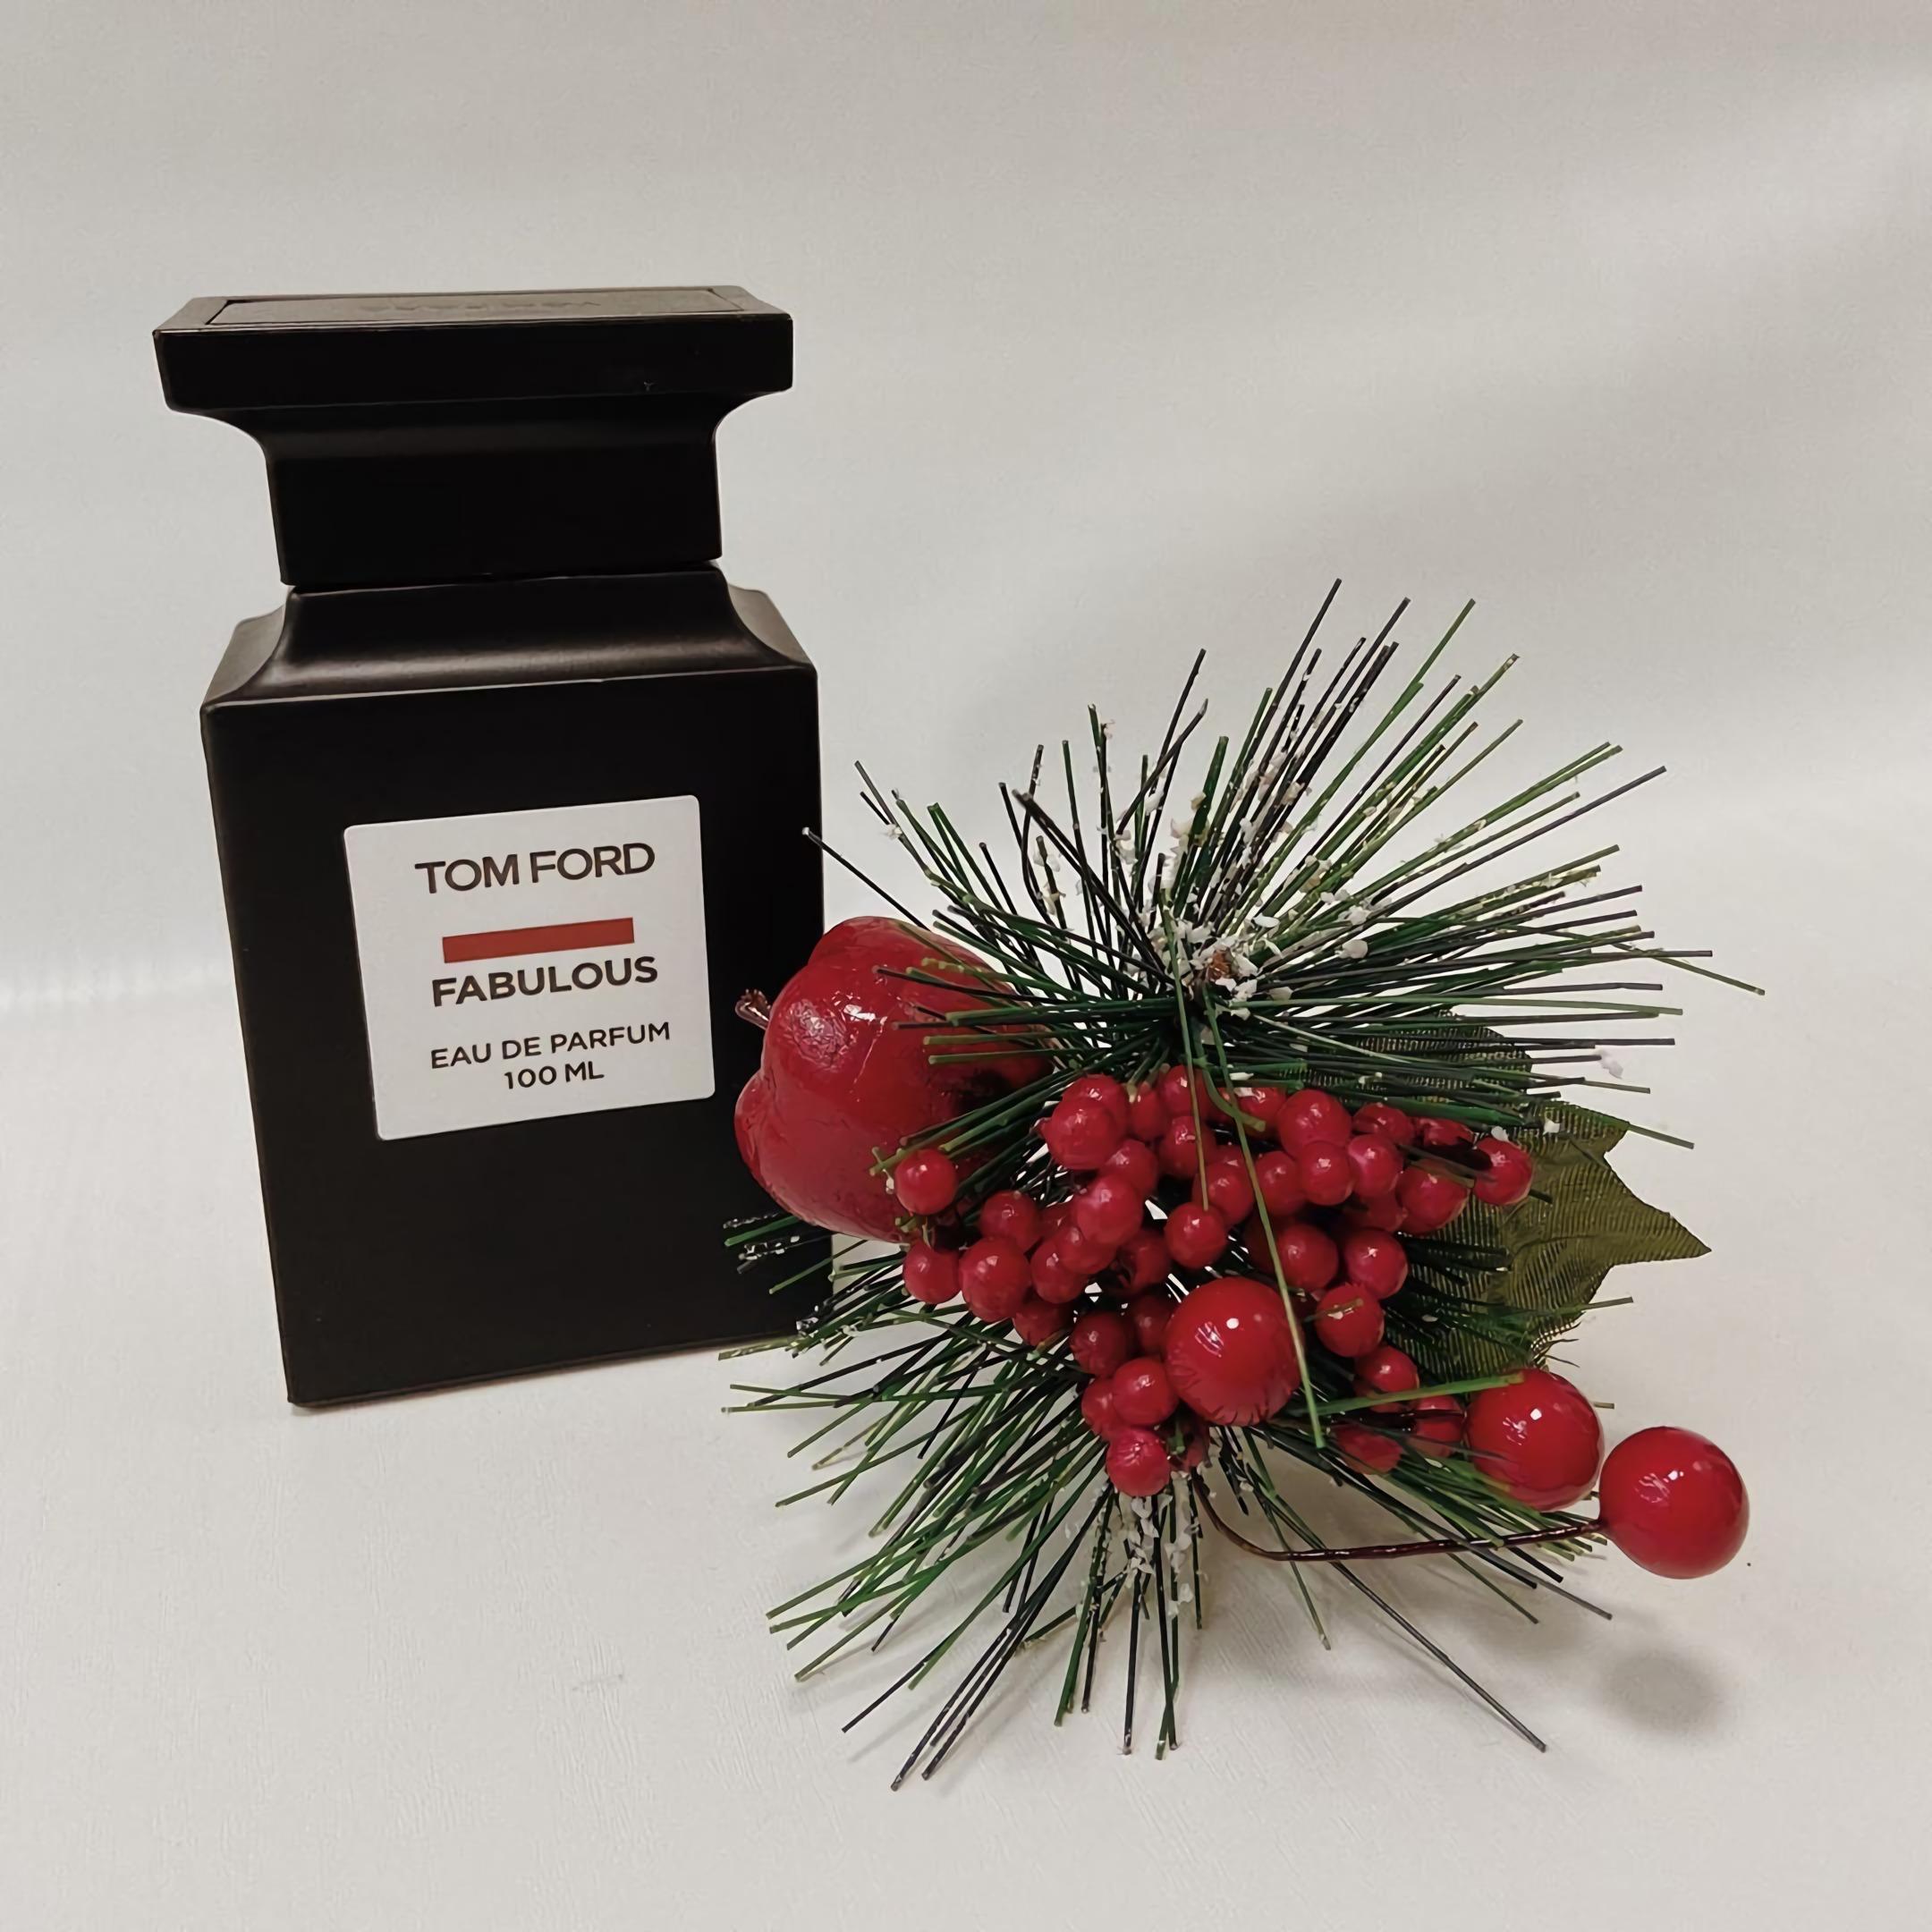 сказочный кожаный аромат Tom Ford Fabulous